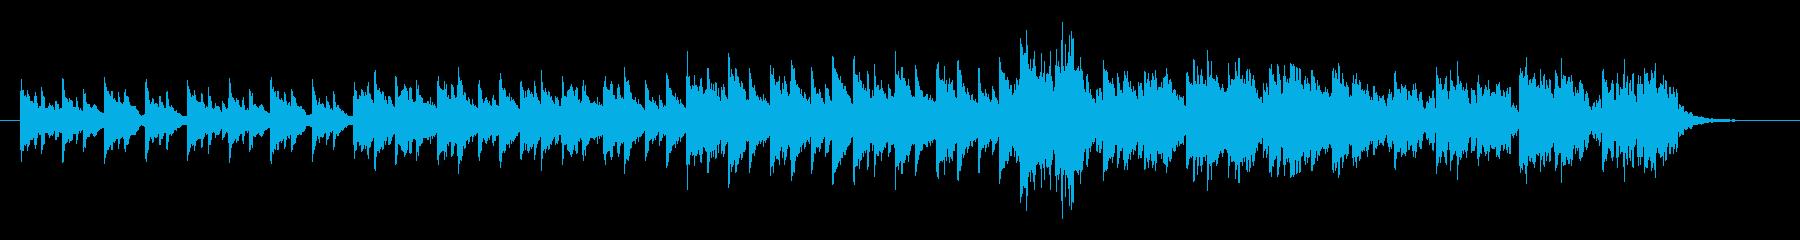 回想シーンなどに使えるBGMの再生済みの波形